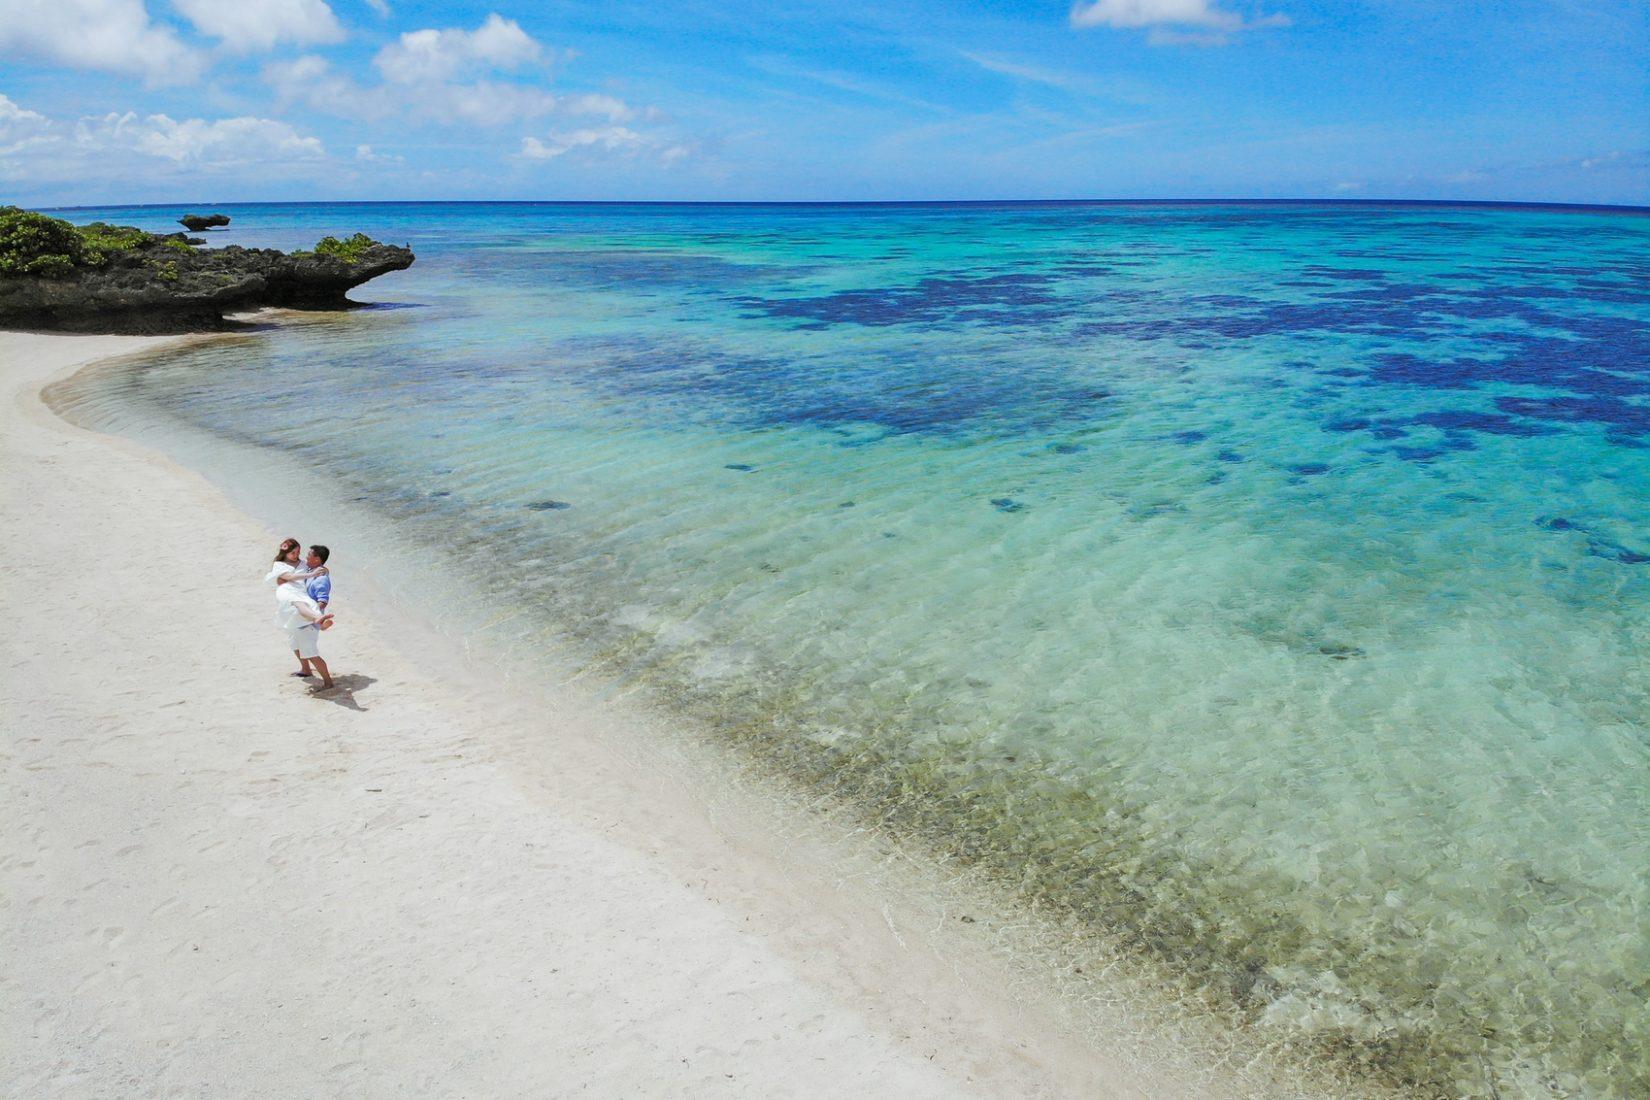 【レポ#30】ビーチでドローン空撮も♡香港からお越しのA様&K様の前撮りフォト